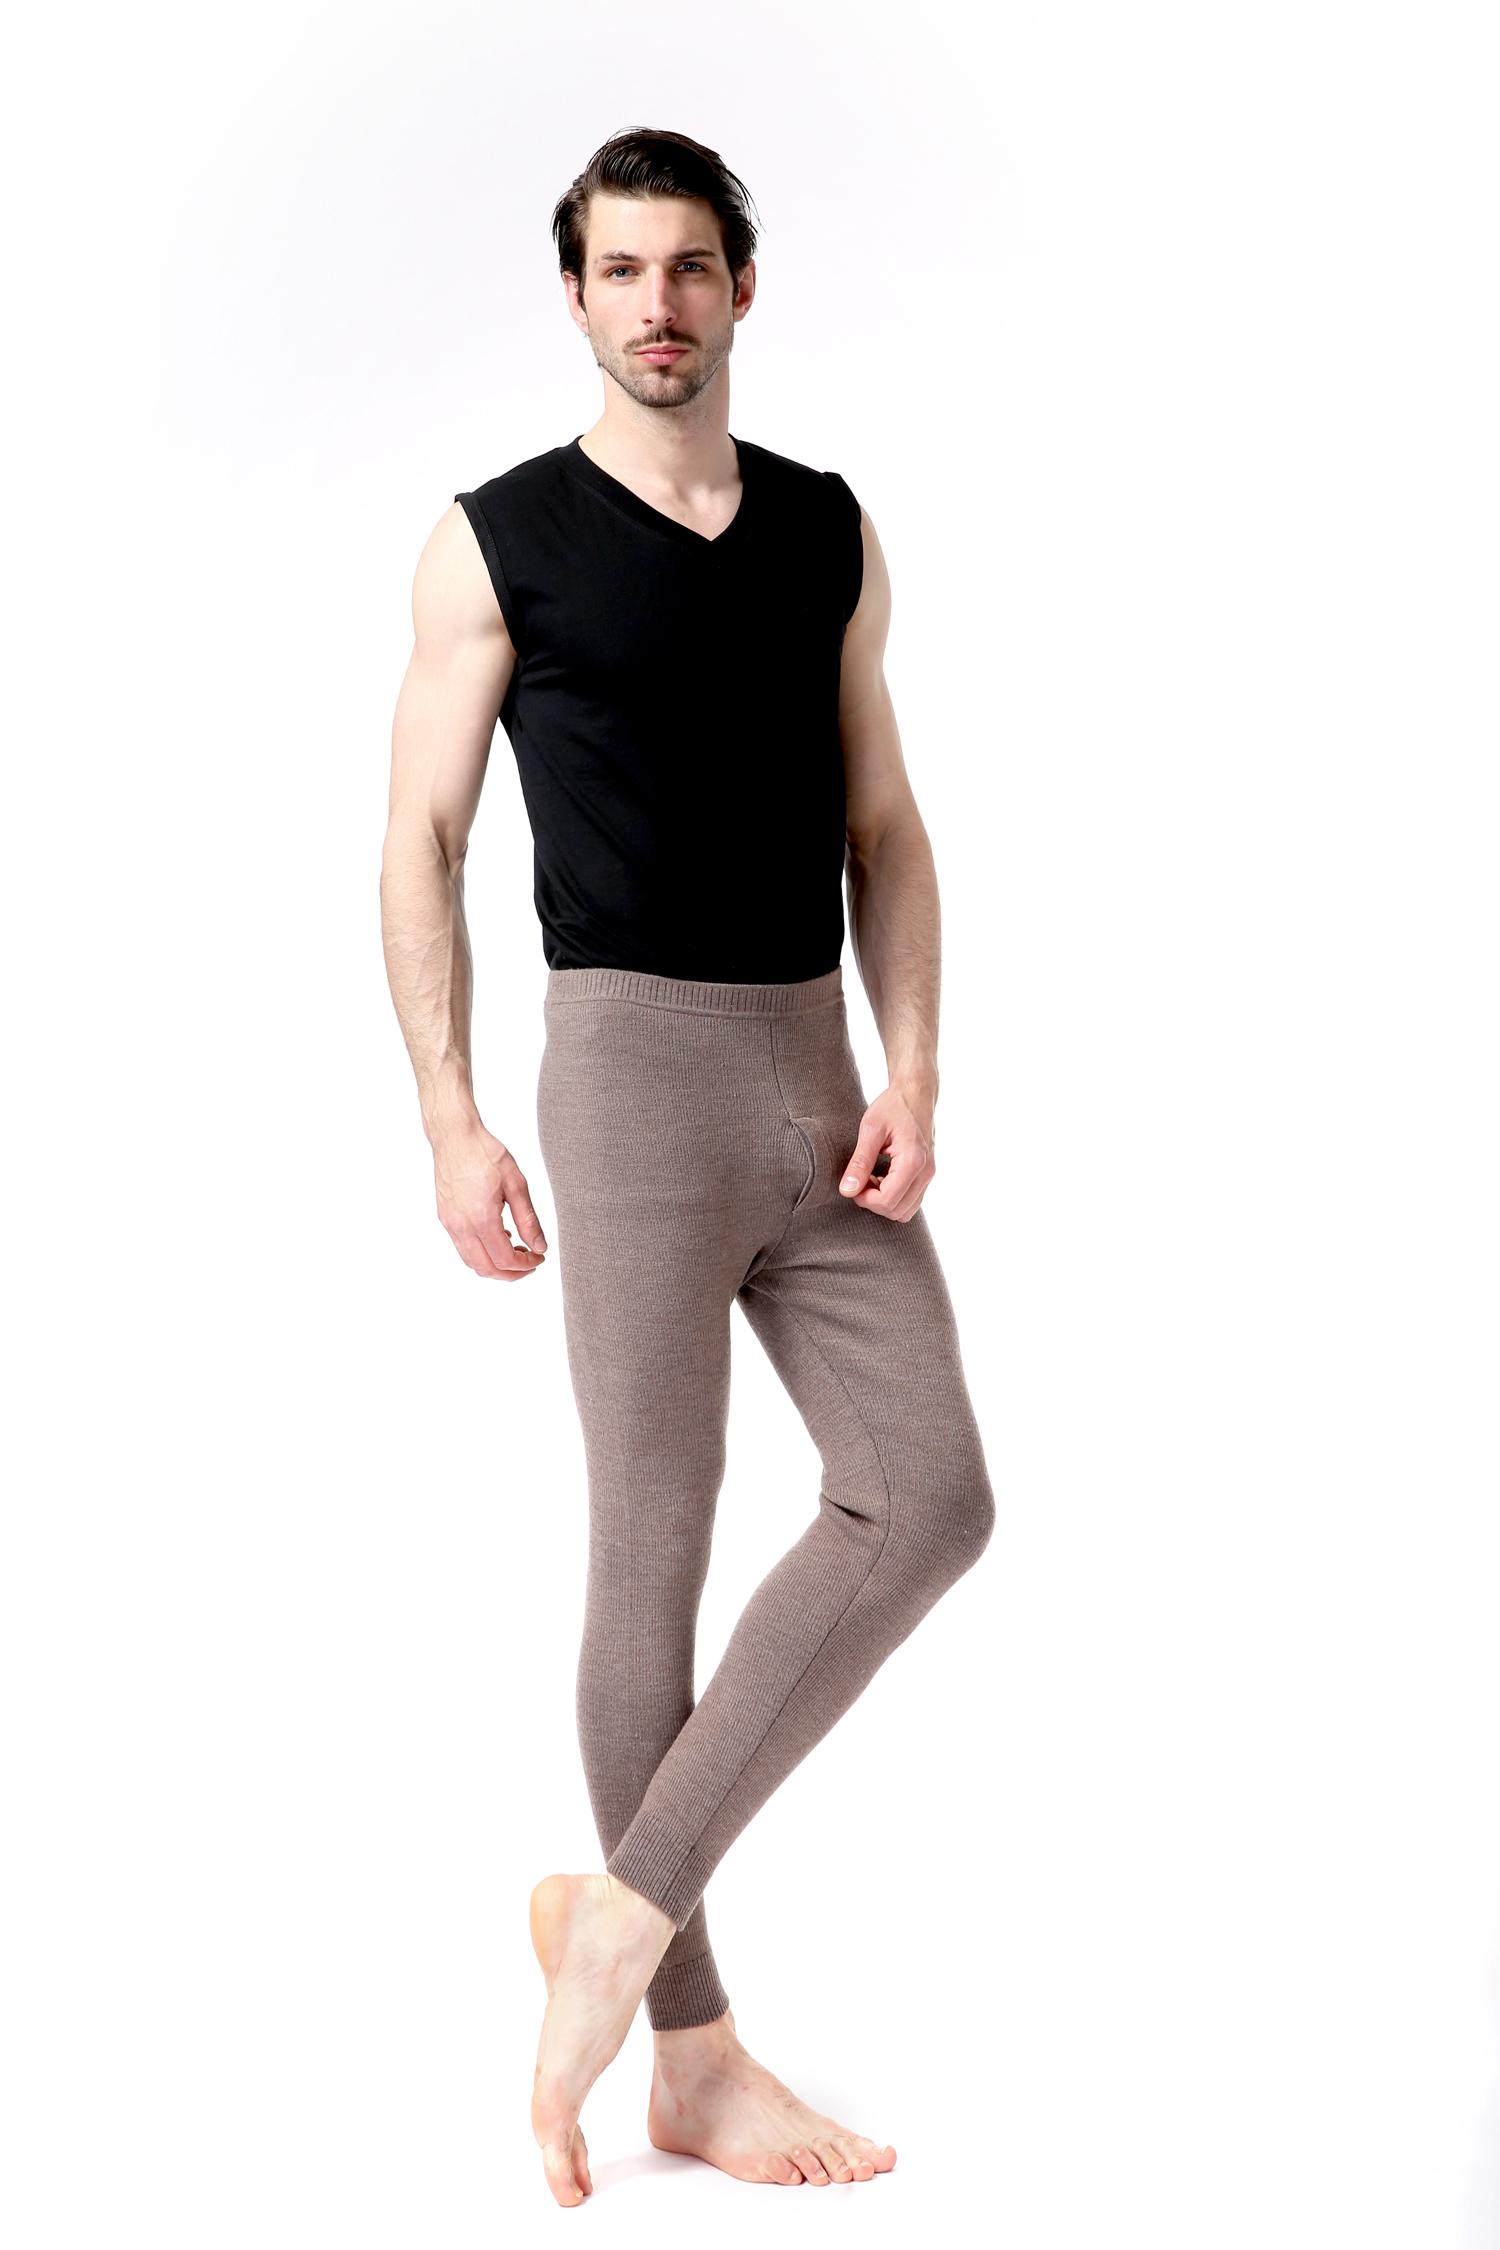 专业的保暖内衣:想买最好的都兰诺斯澳毛男抽条裤,就到中昊绒业